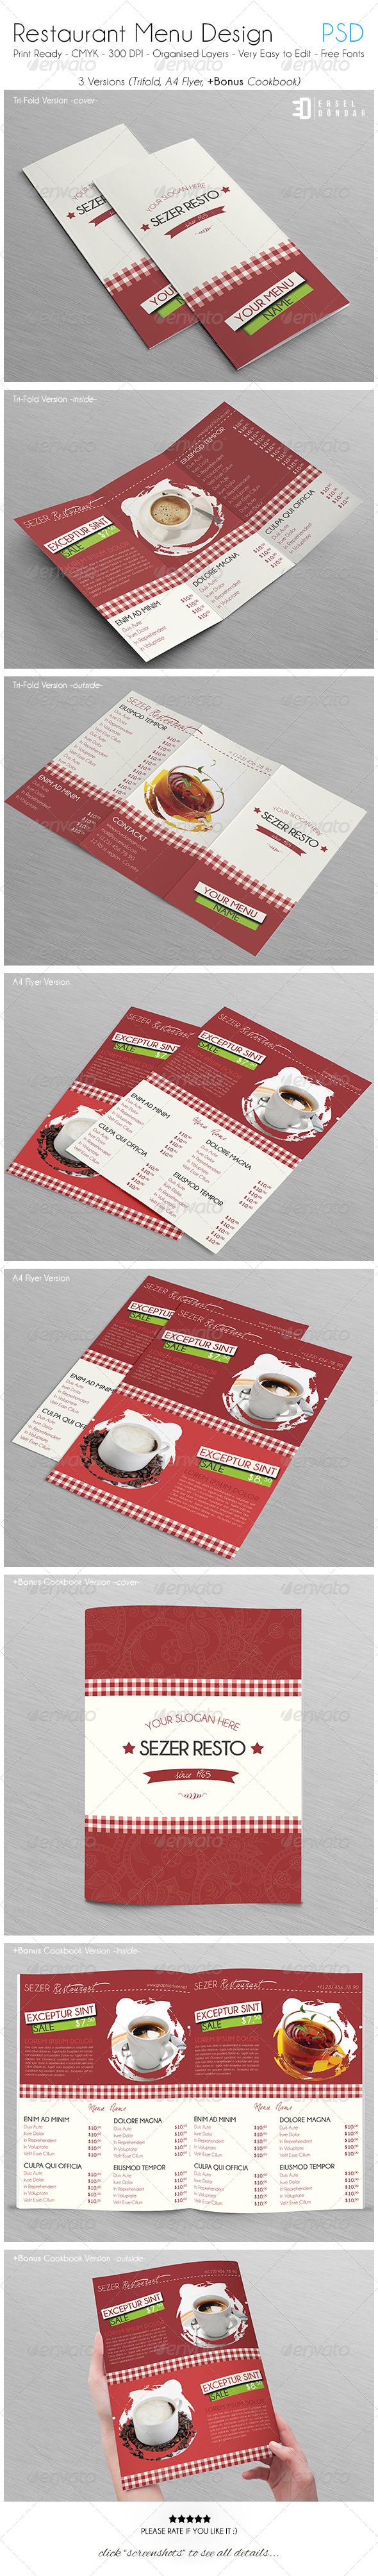 GraphicRiver Restaurant Menu Design 5444132